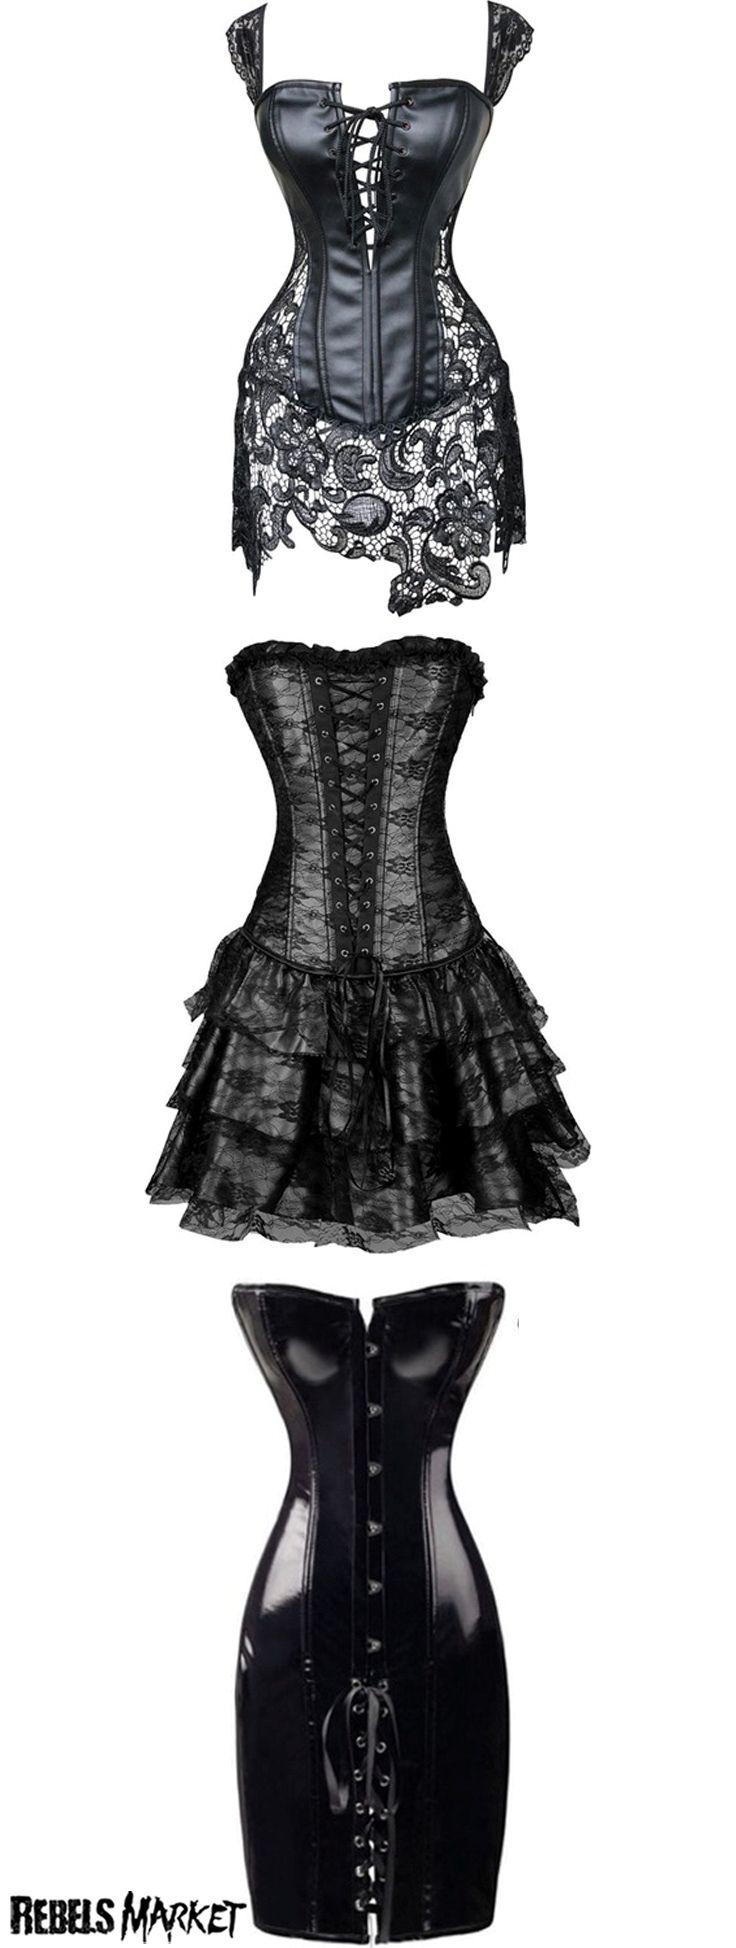 Shop goth corsets for spring at RebelsMarket.